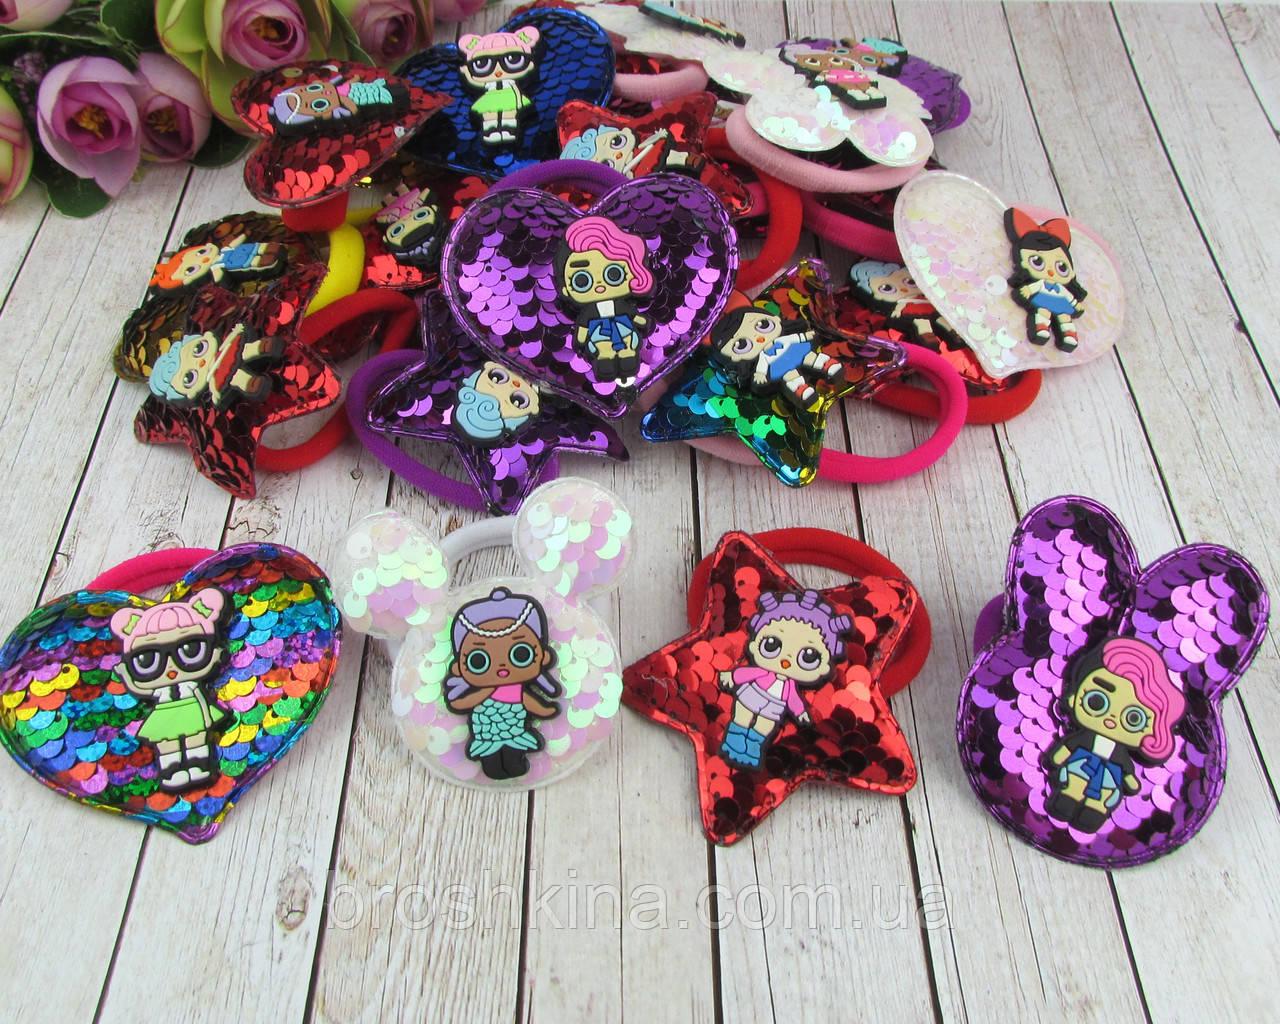 Детские резинки для волос с пайетками LOL микс модели и цвета 24 шт/уп.